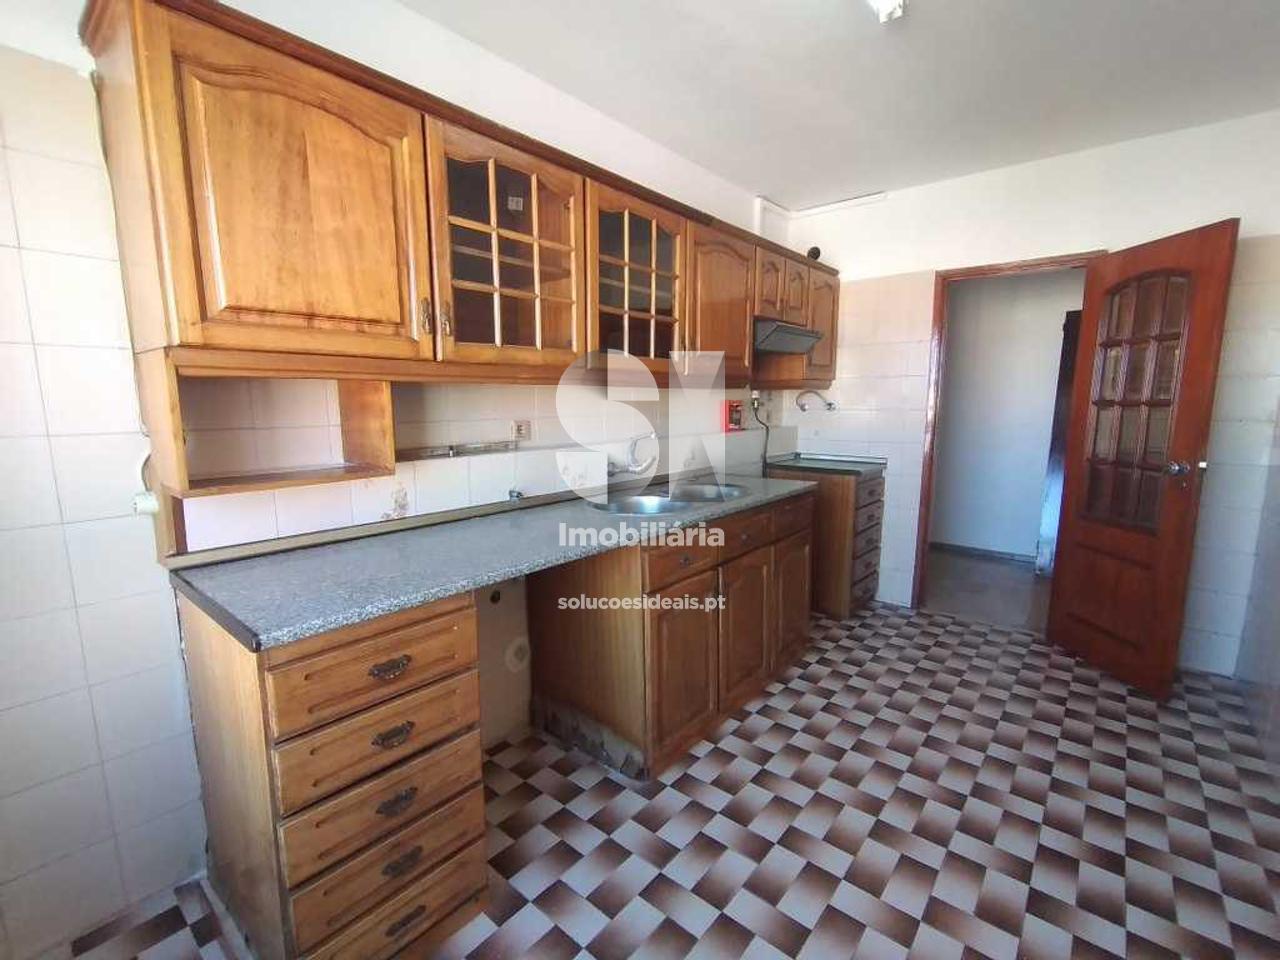 apartamento t2 para compra em seixal corroios SXLSS814